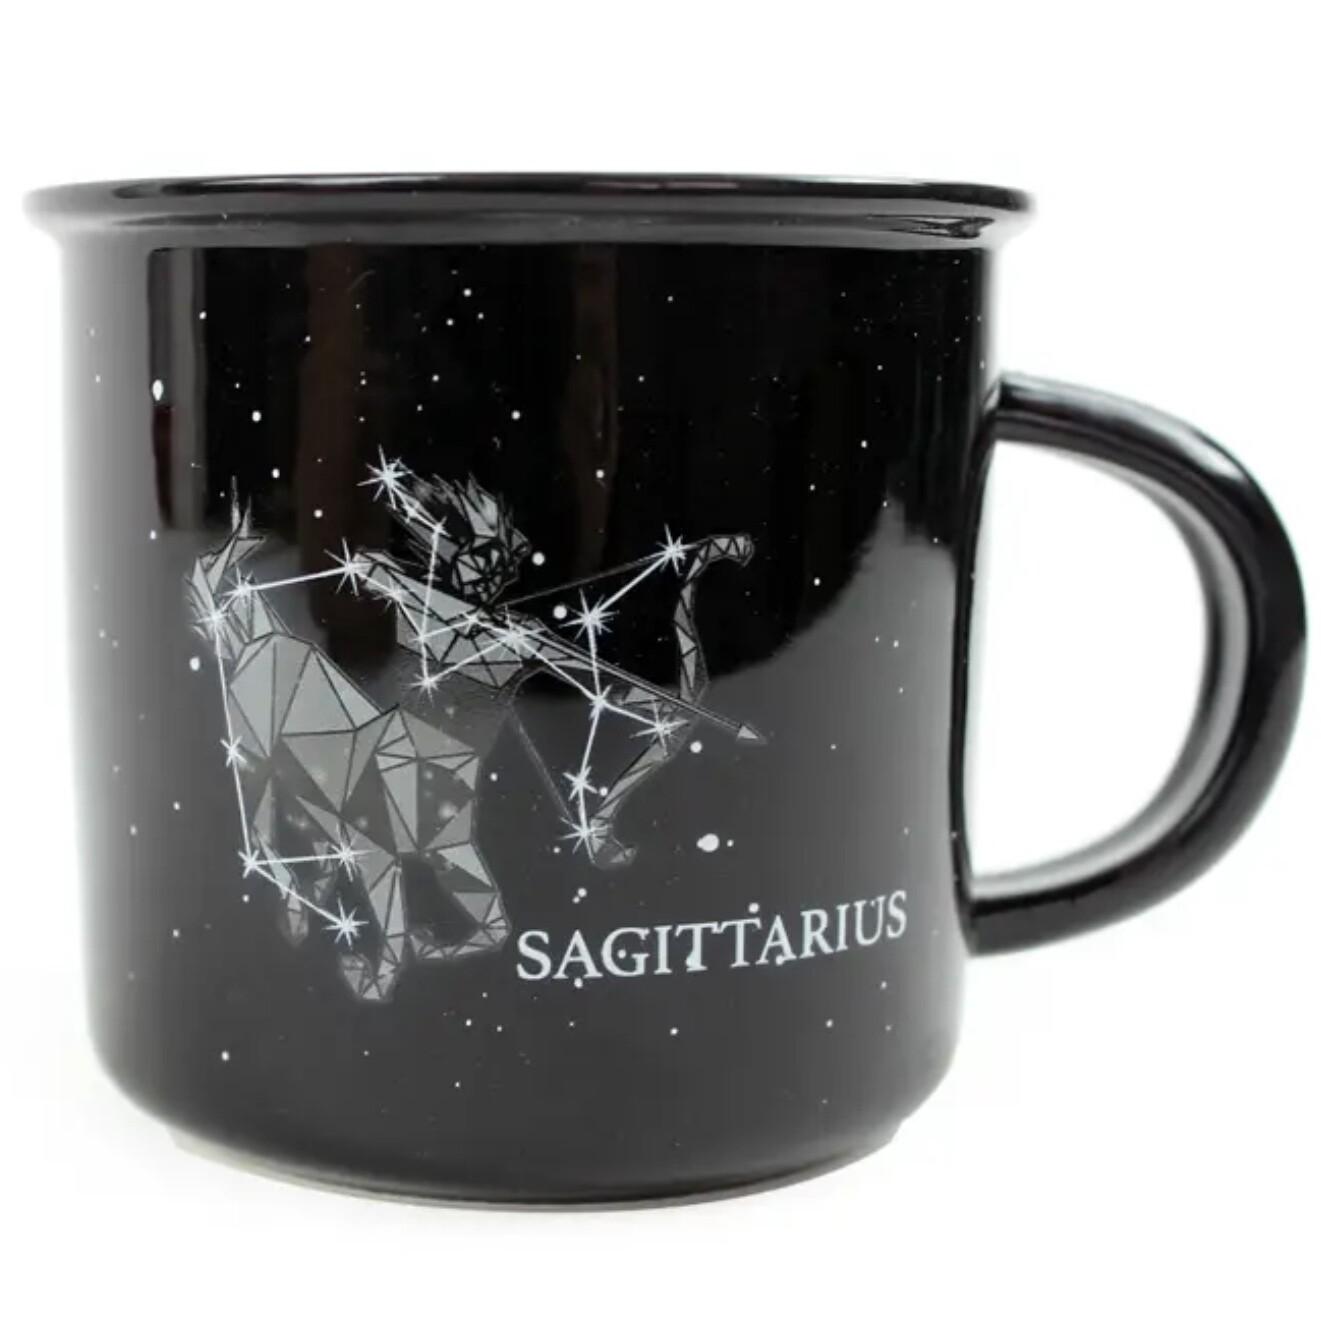 Sagittarius Constellation Ceramic Camp Mug